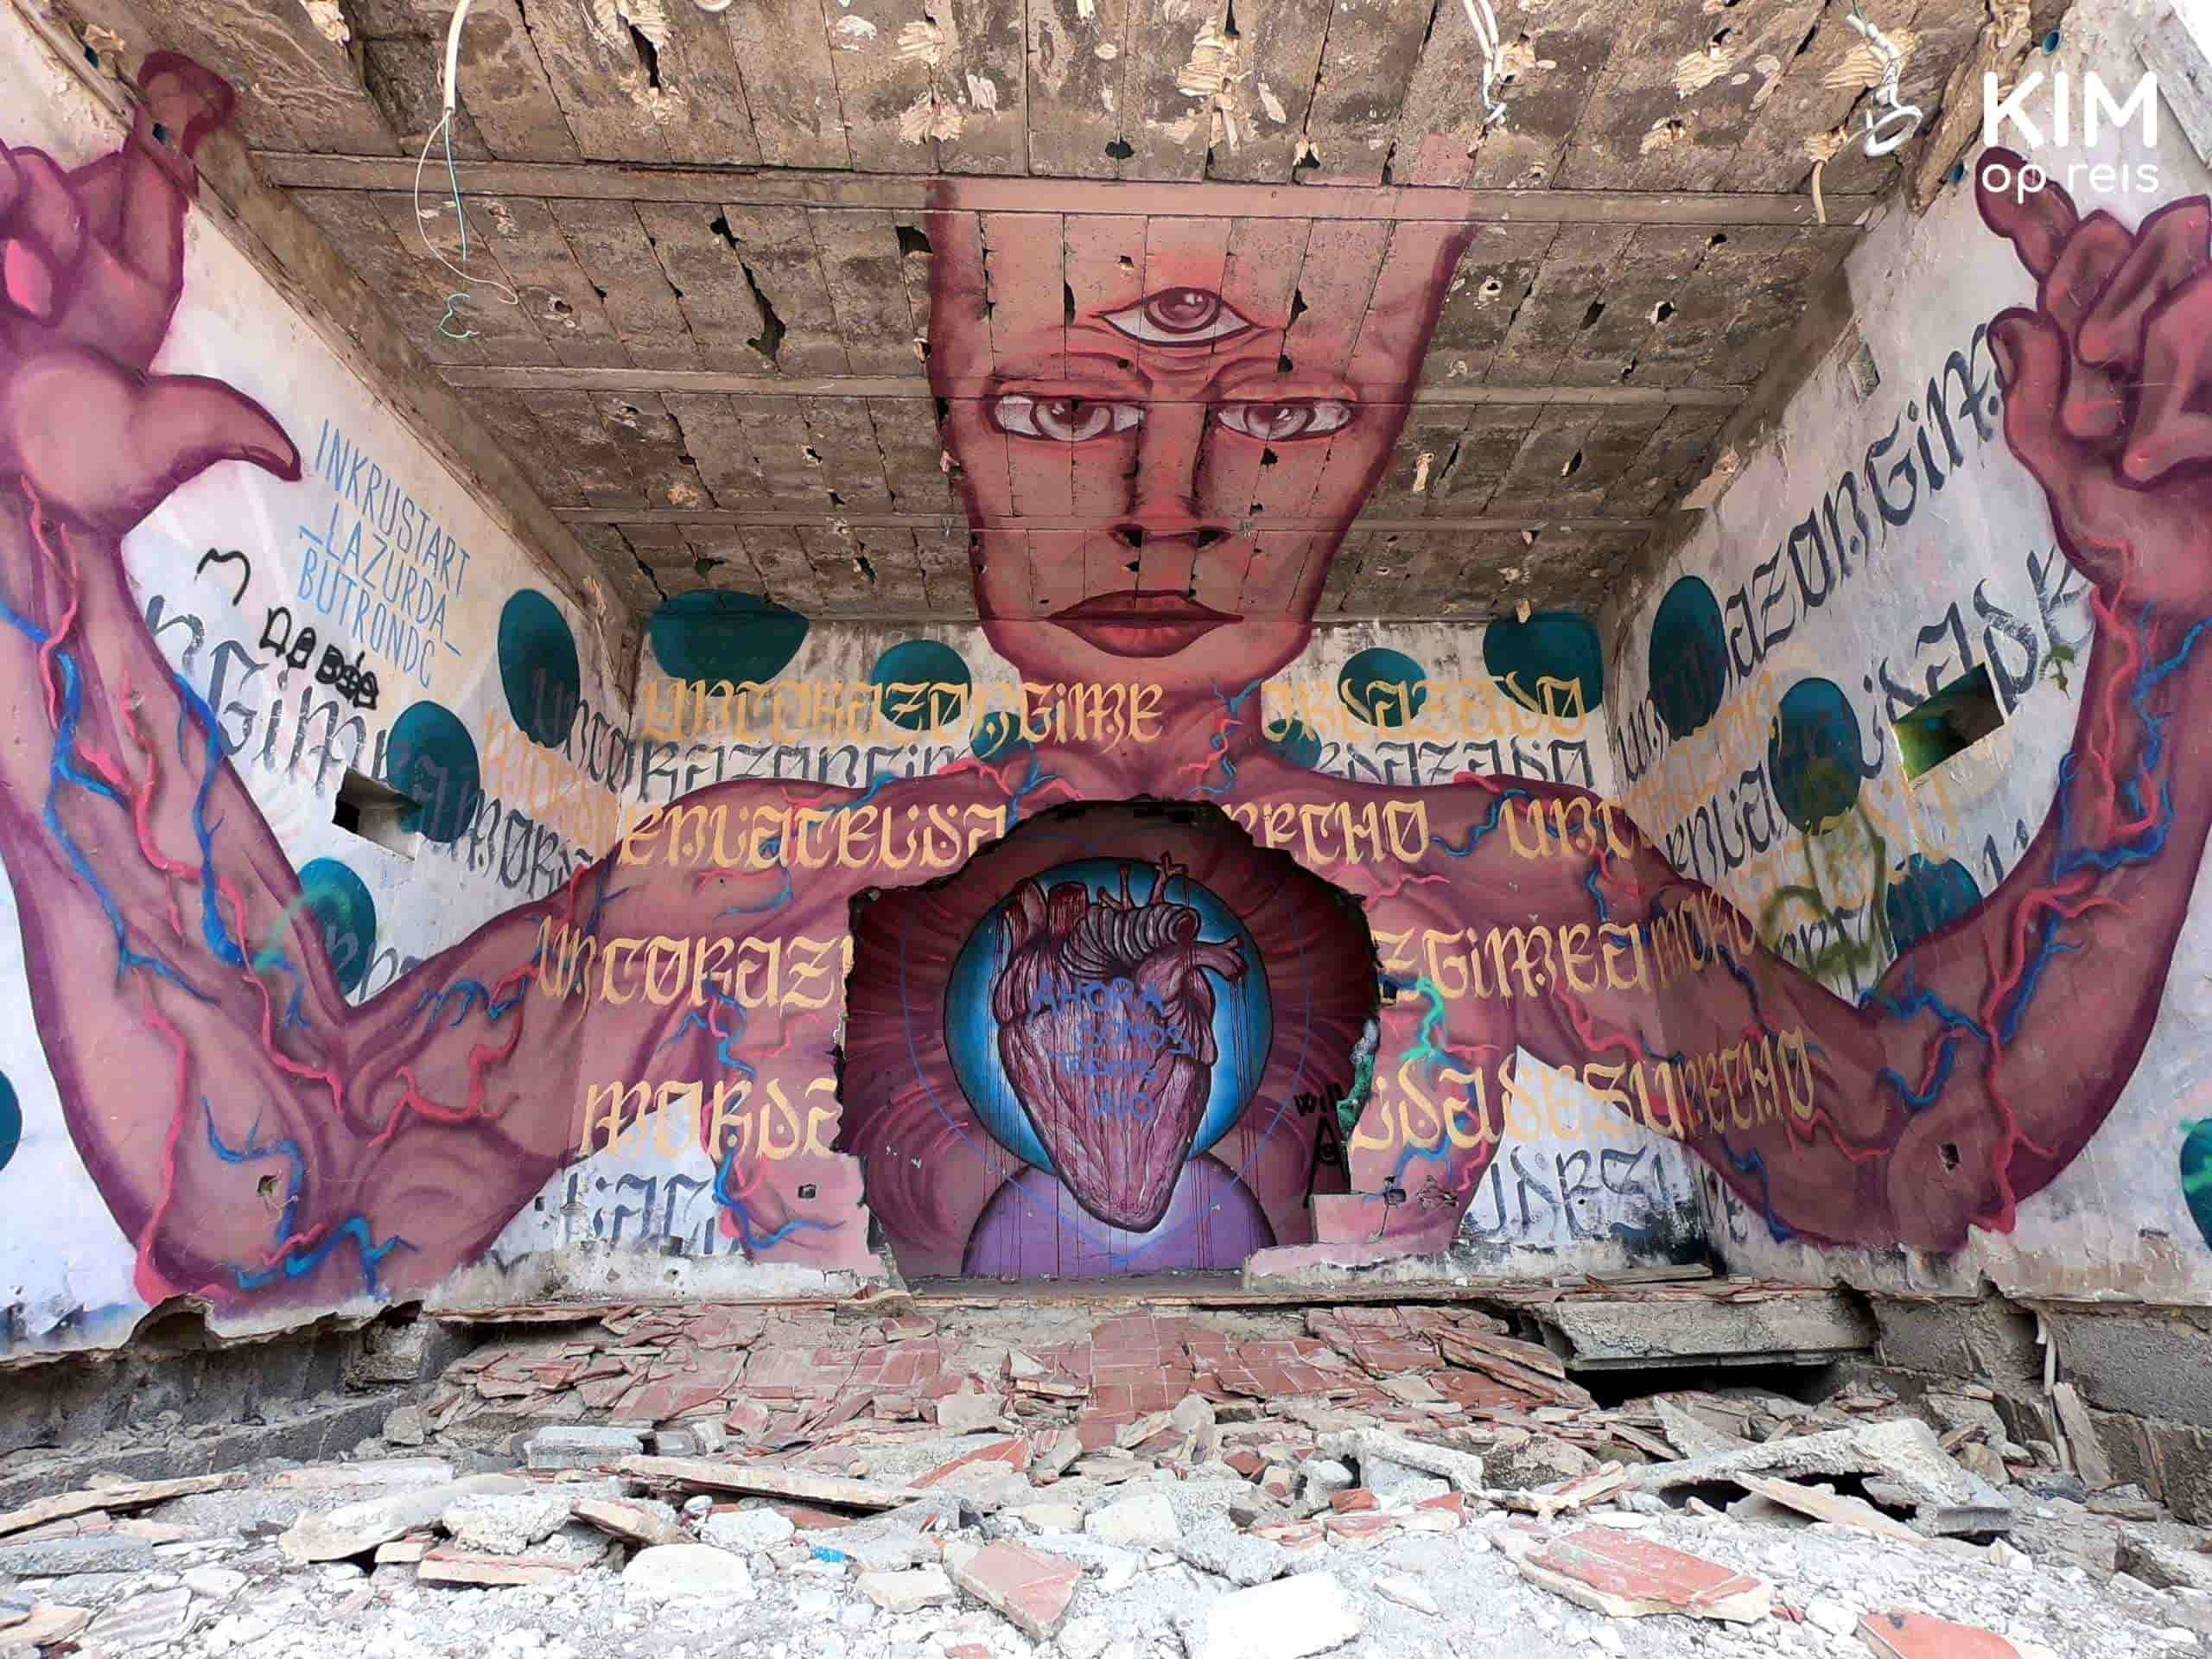 Verlaten Festival Club Ibiza dj booth: vierkante ruimte met daarop het bovenlijf van een mens met een gat in het hart